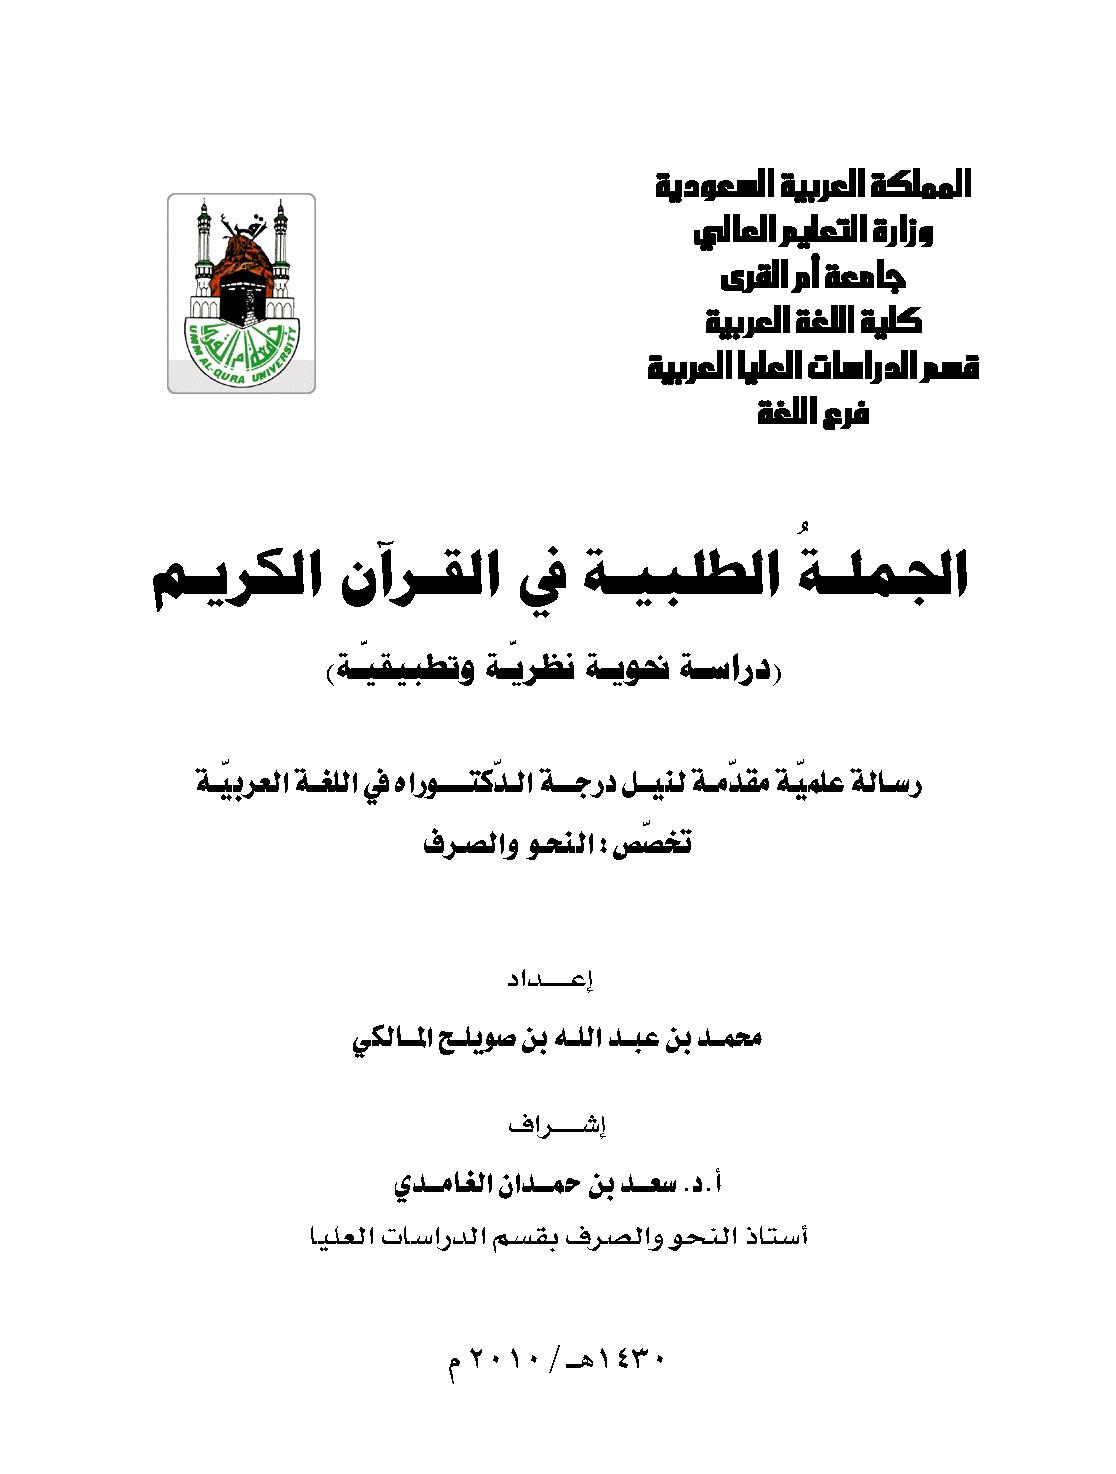 تحميل كتاب الجملة الطلبية في القرآن الكريم (دراسة نحوية نظرية وتطبيقية) لـِ: الدكتور محمد بن عبد الله بن صويلح المالكي